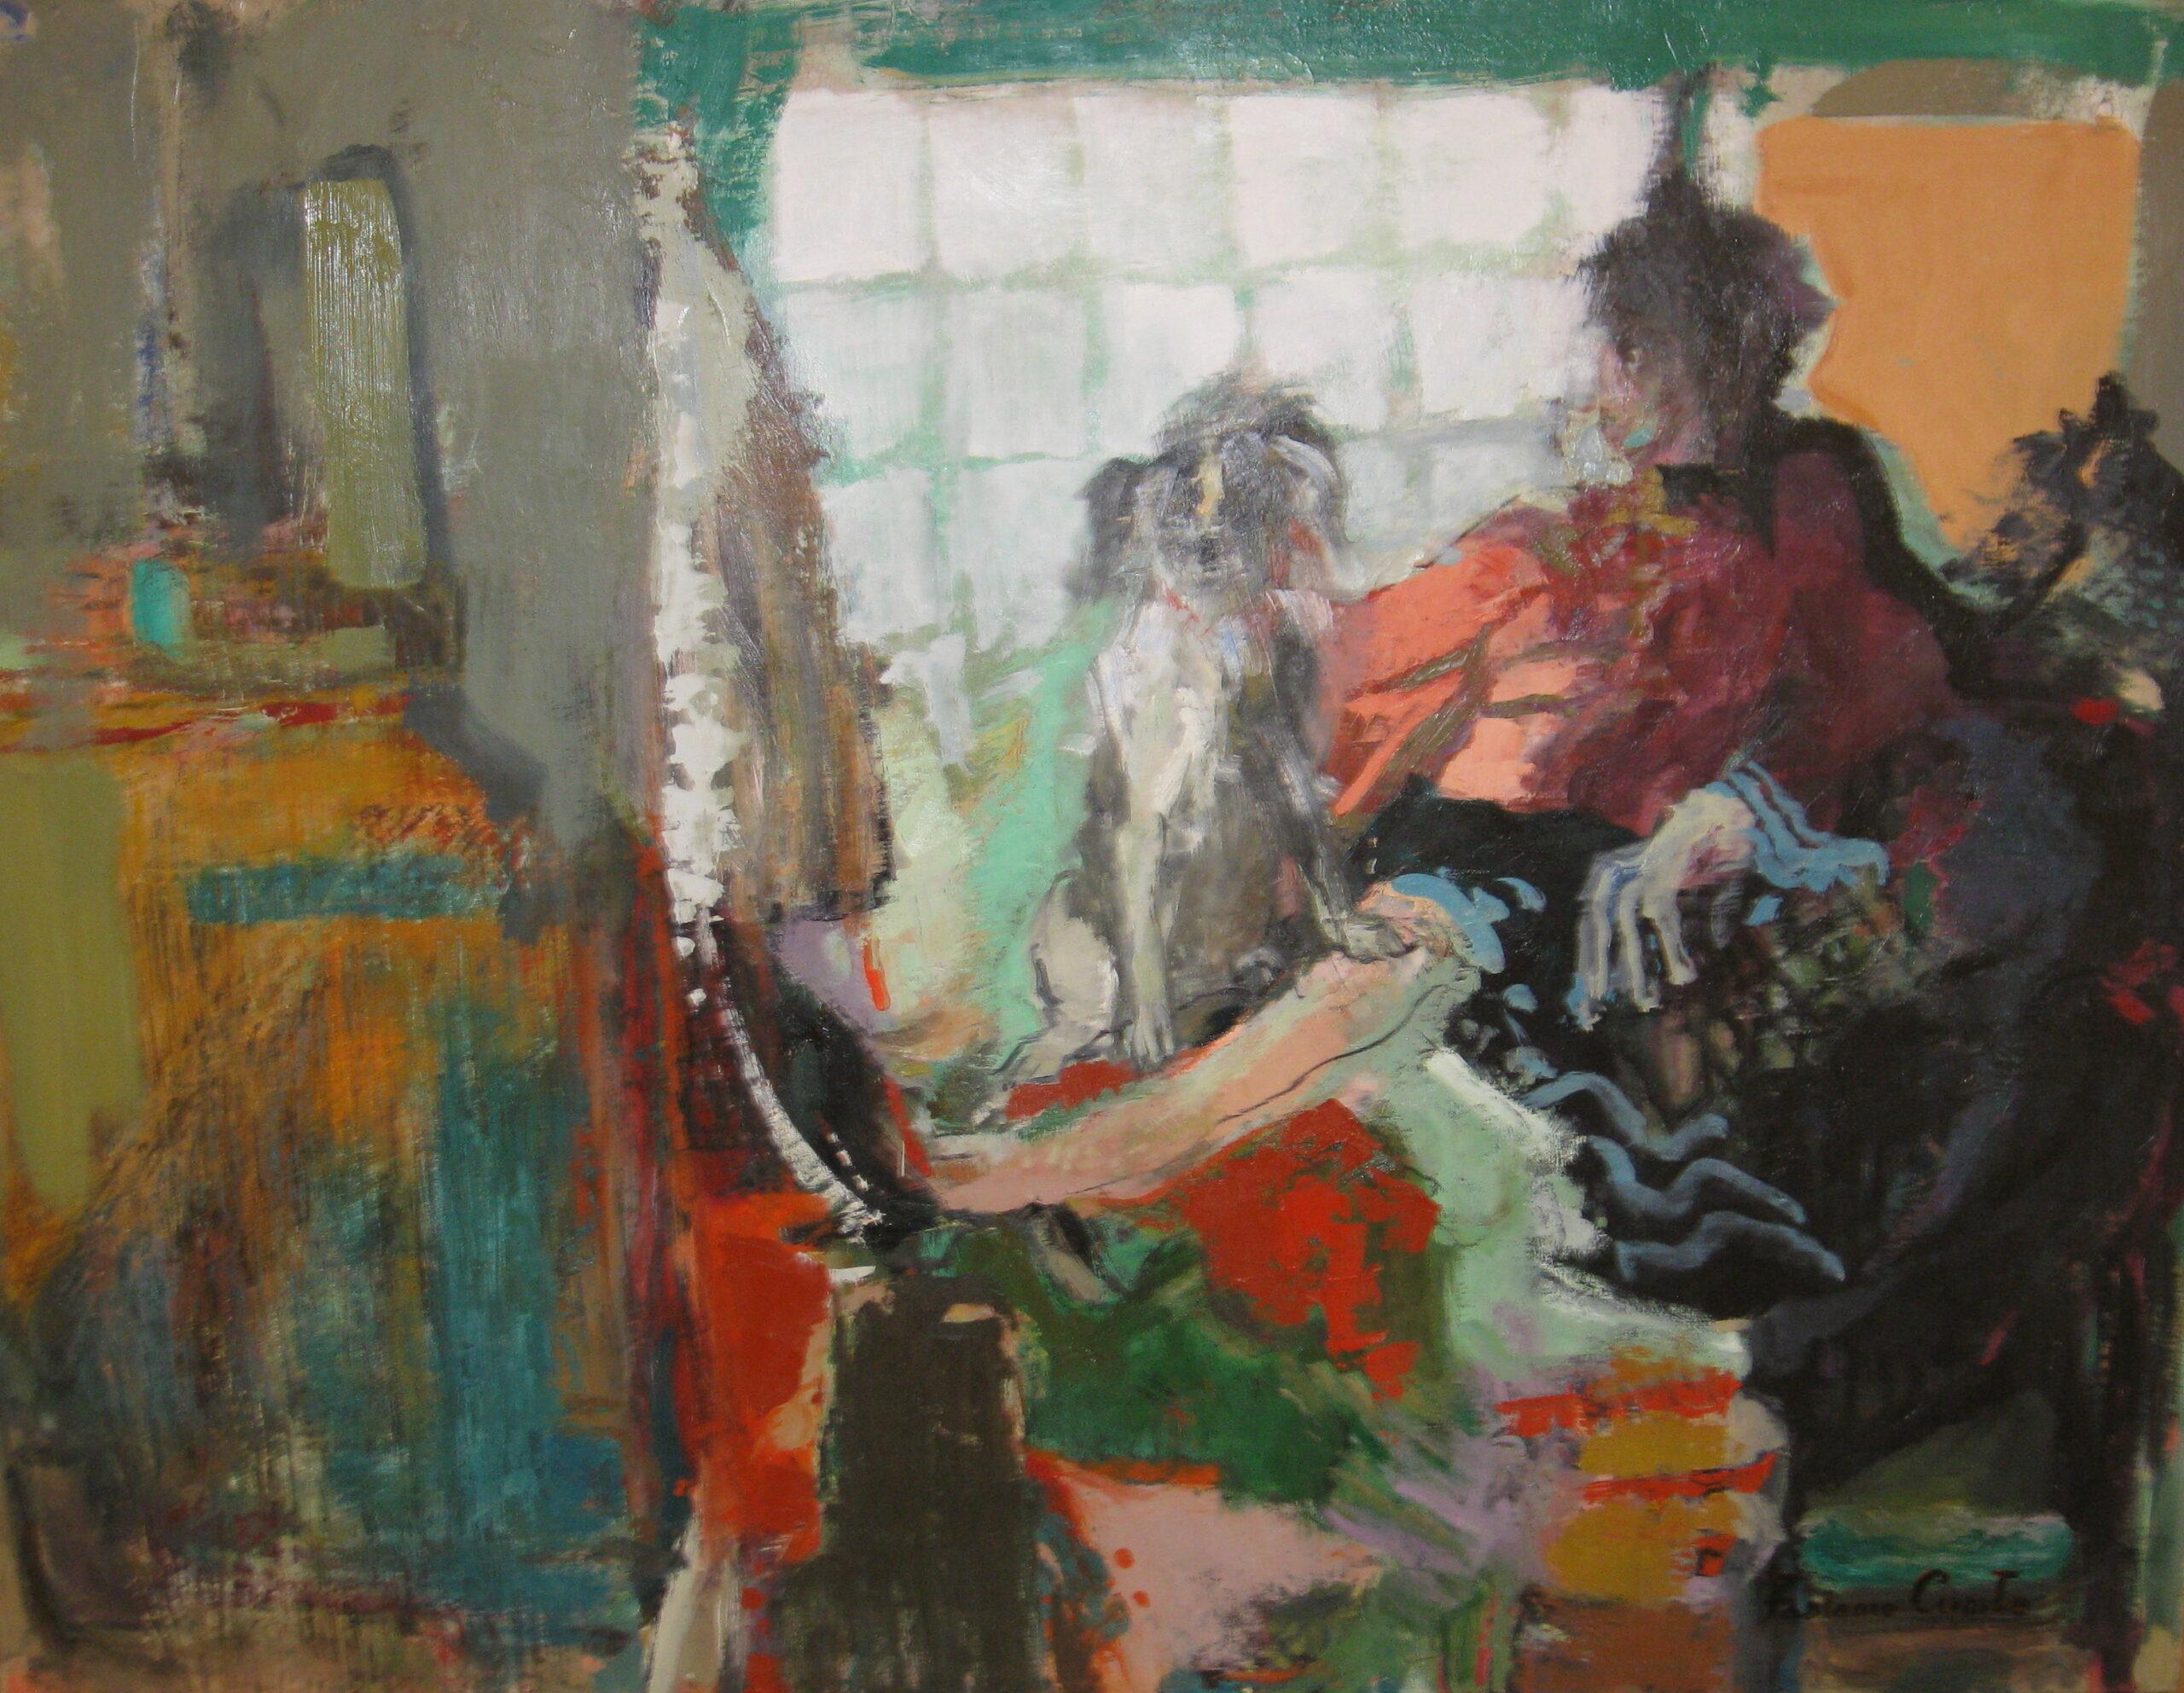 le shampoing - Fabienne COMTE - 160x120 - Huile sur toile